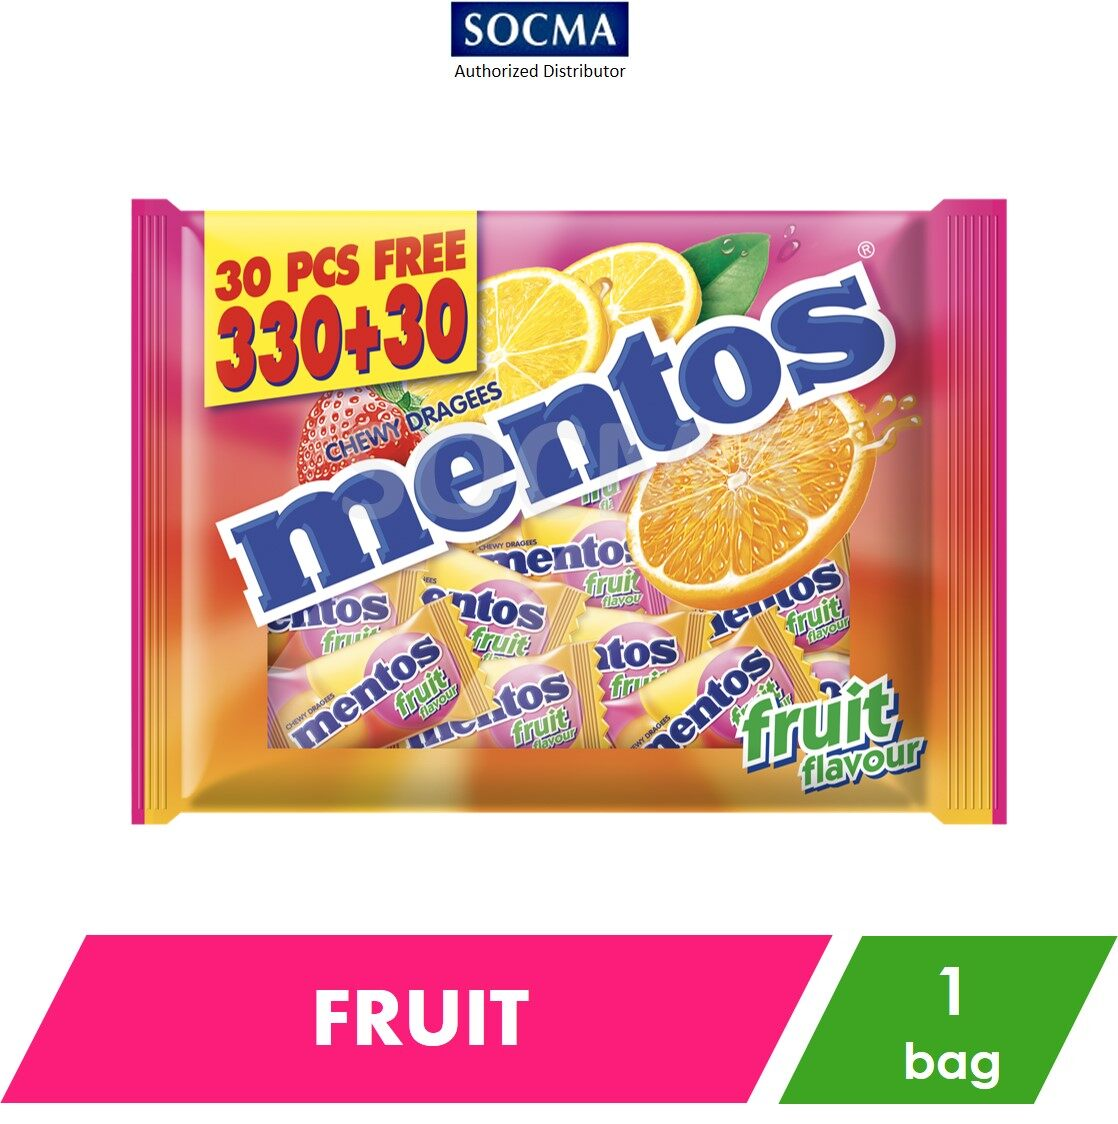 Mentos Pillow Pack - Fruit (2.7g x 330+30) [1]